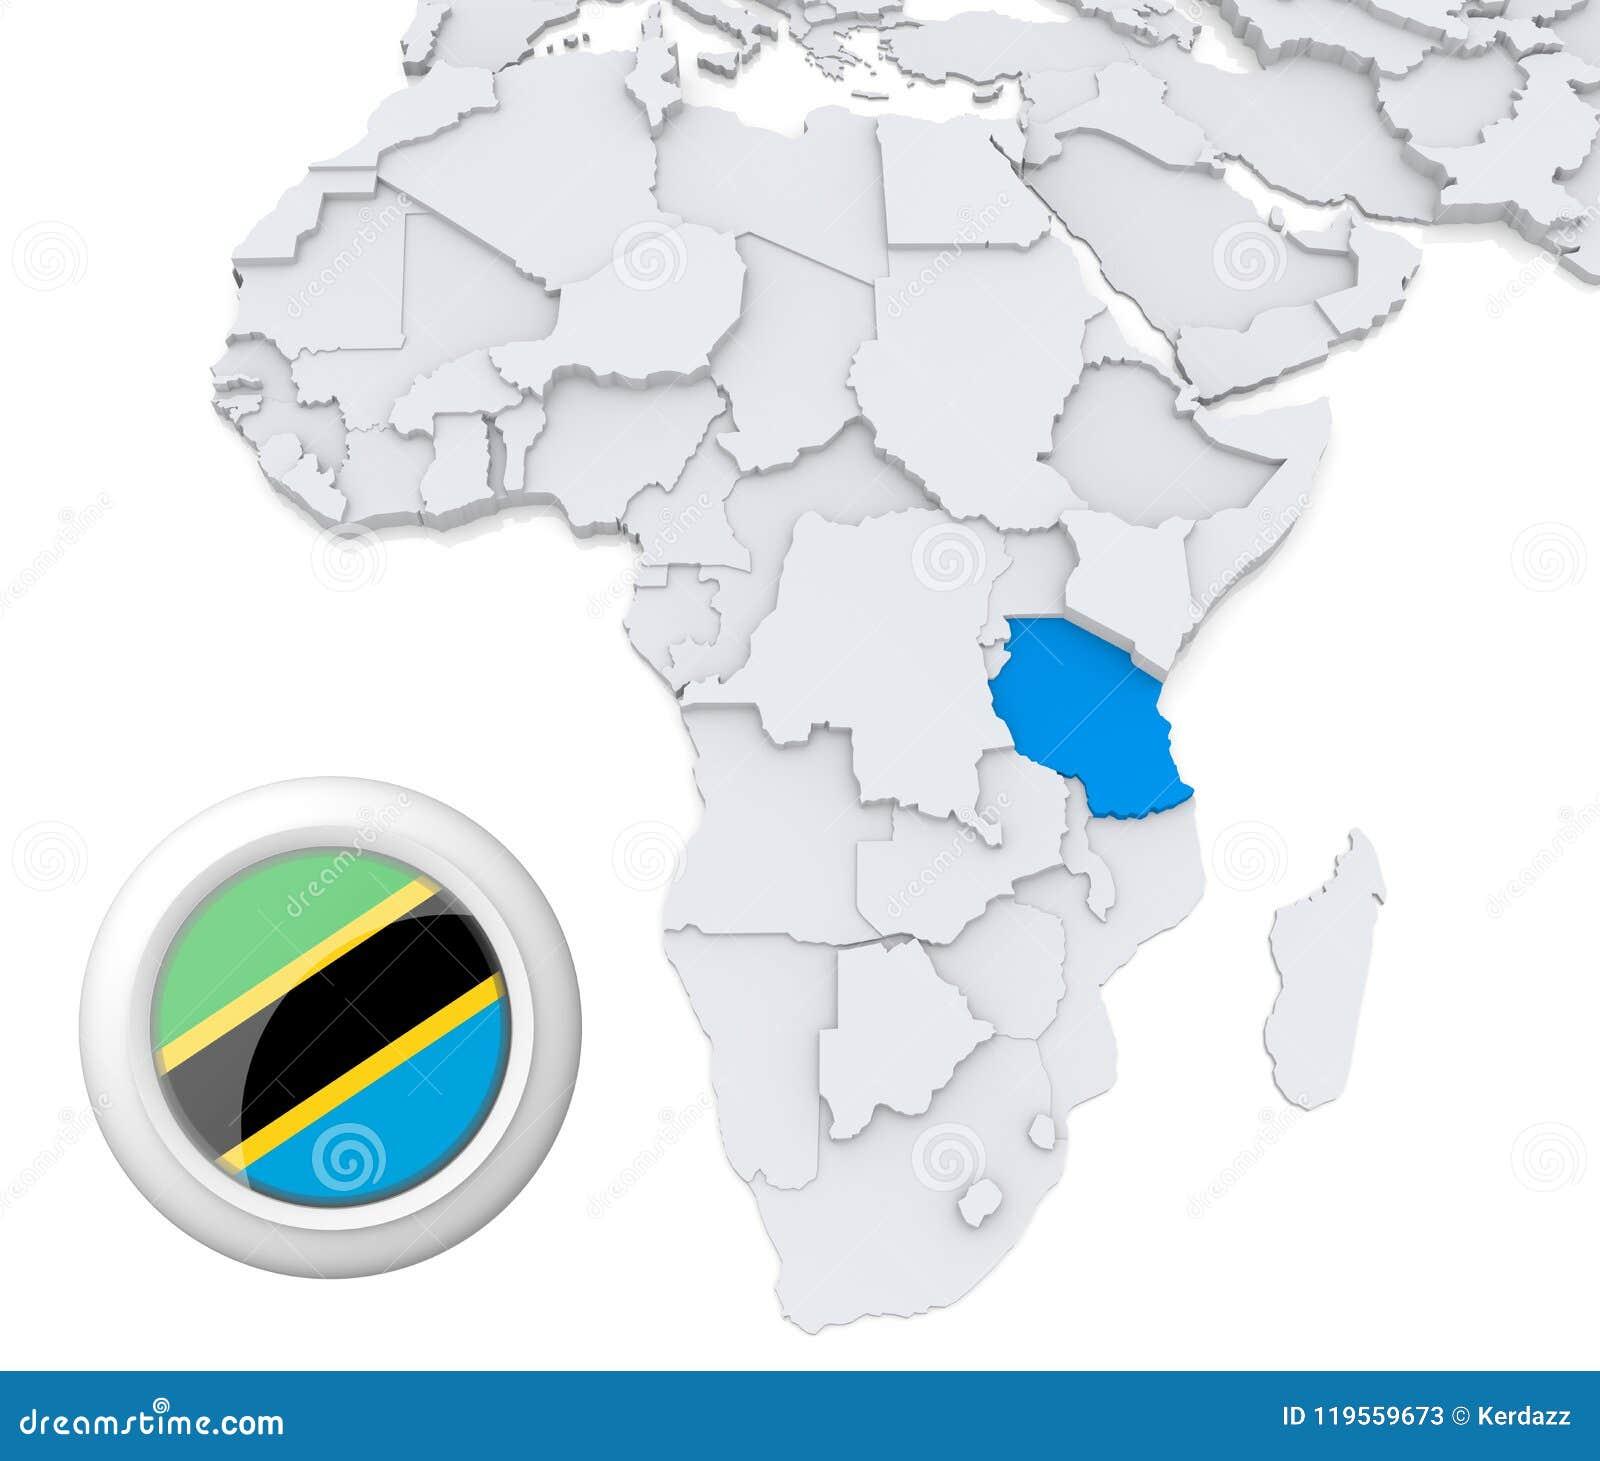 Image of: Tanzania On Africa Map Stock Illustration Illustration Of Basic 119559673